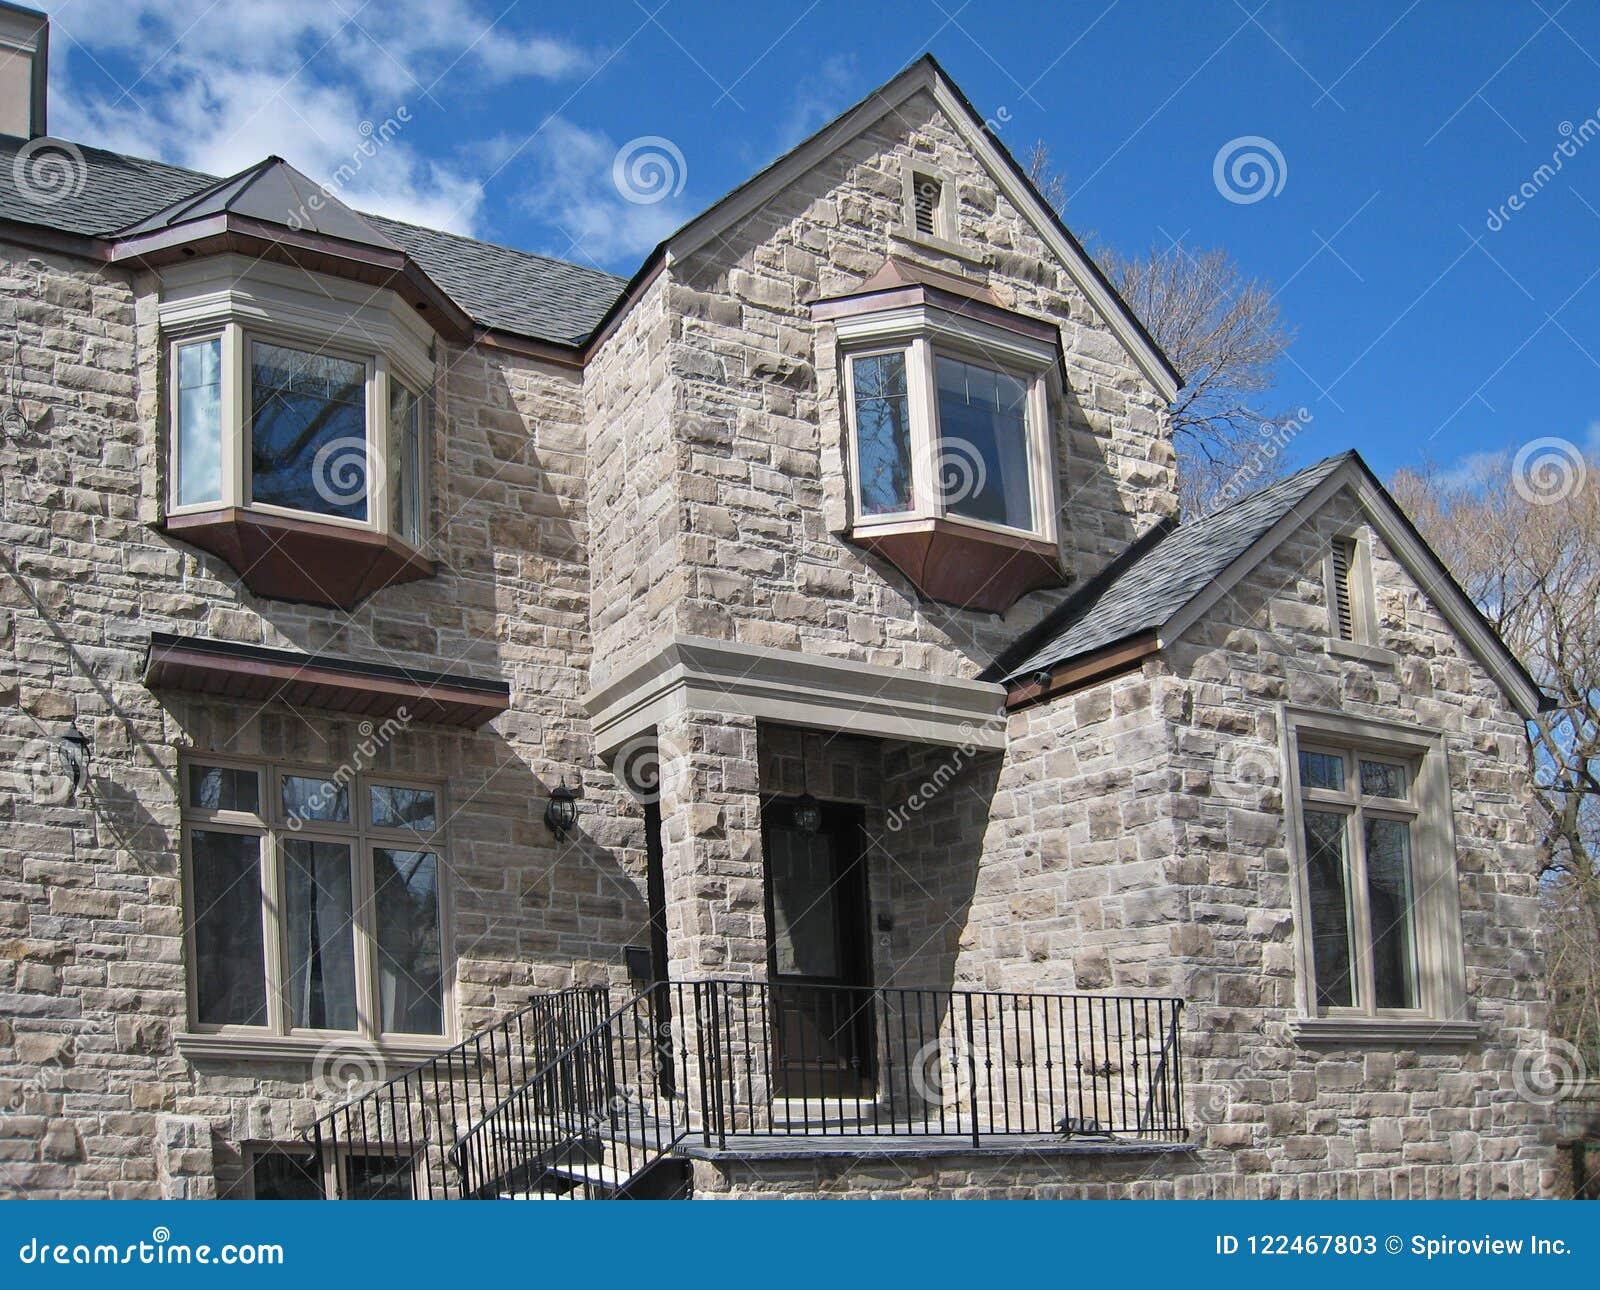 Maison en pierre moderne image stock. Image du cultivé - 122467803